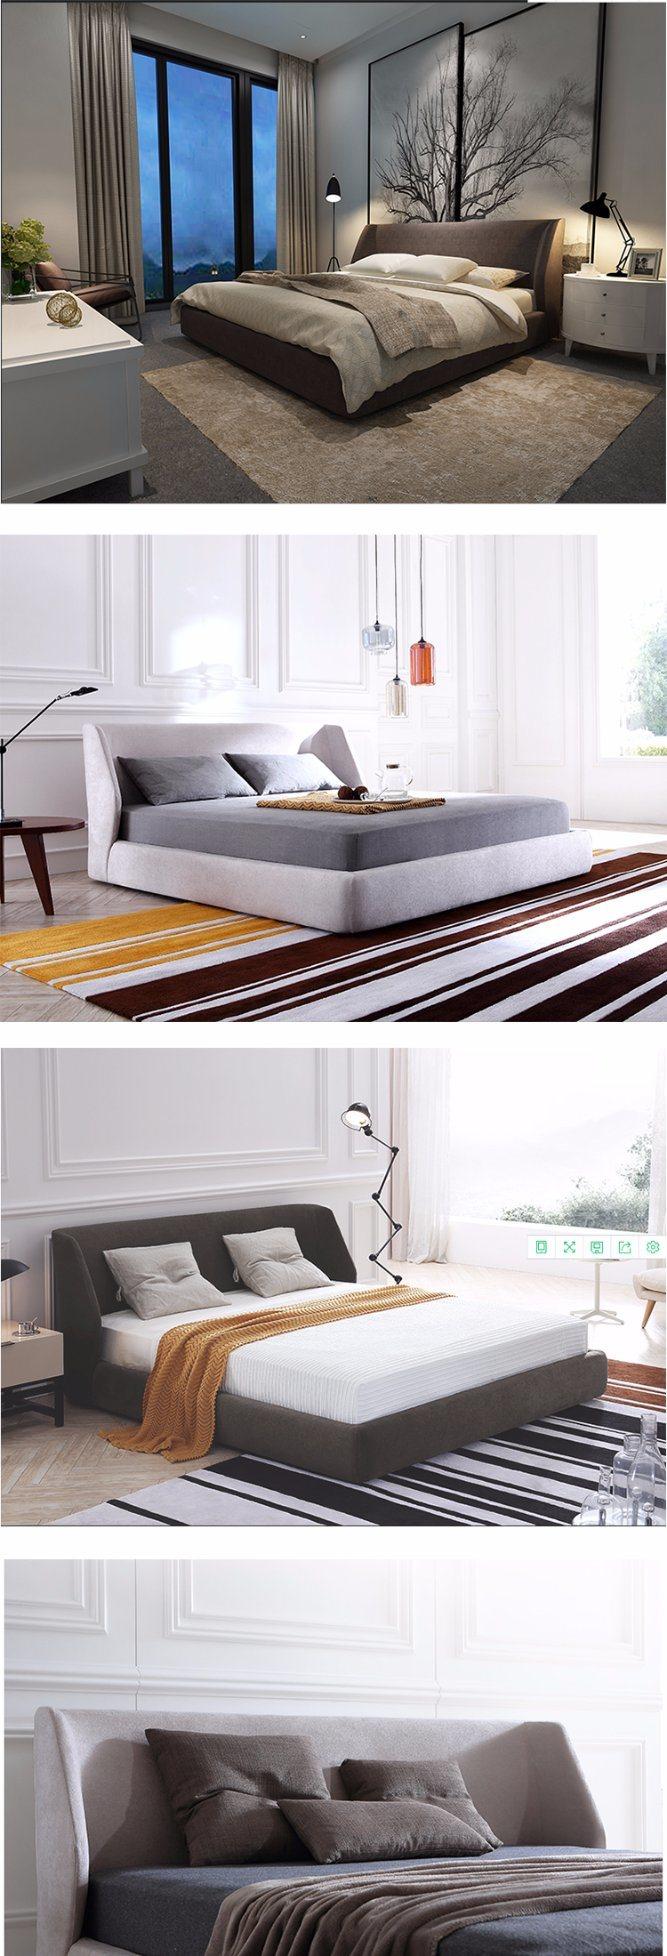 Muebles de diseño italiano moderno rey cuero Cama de matrimonio ...